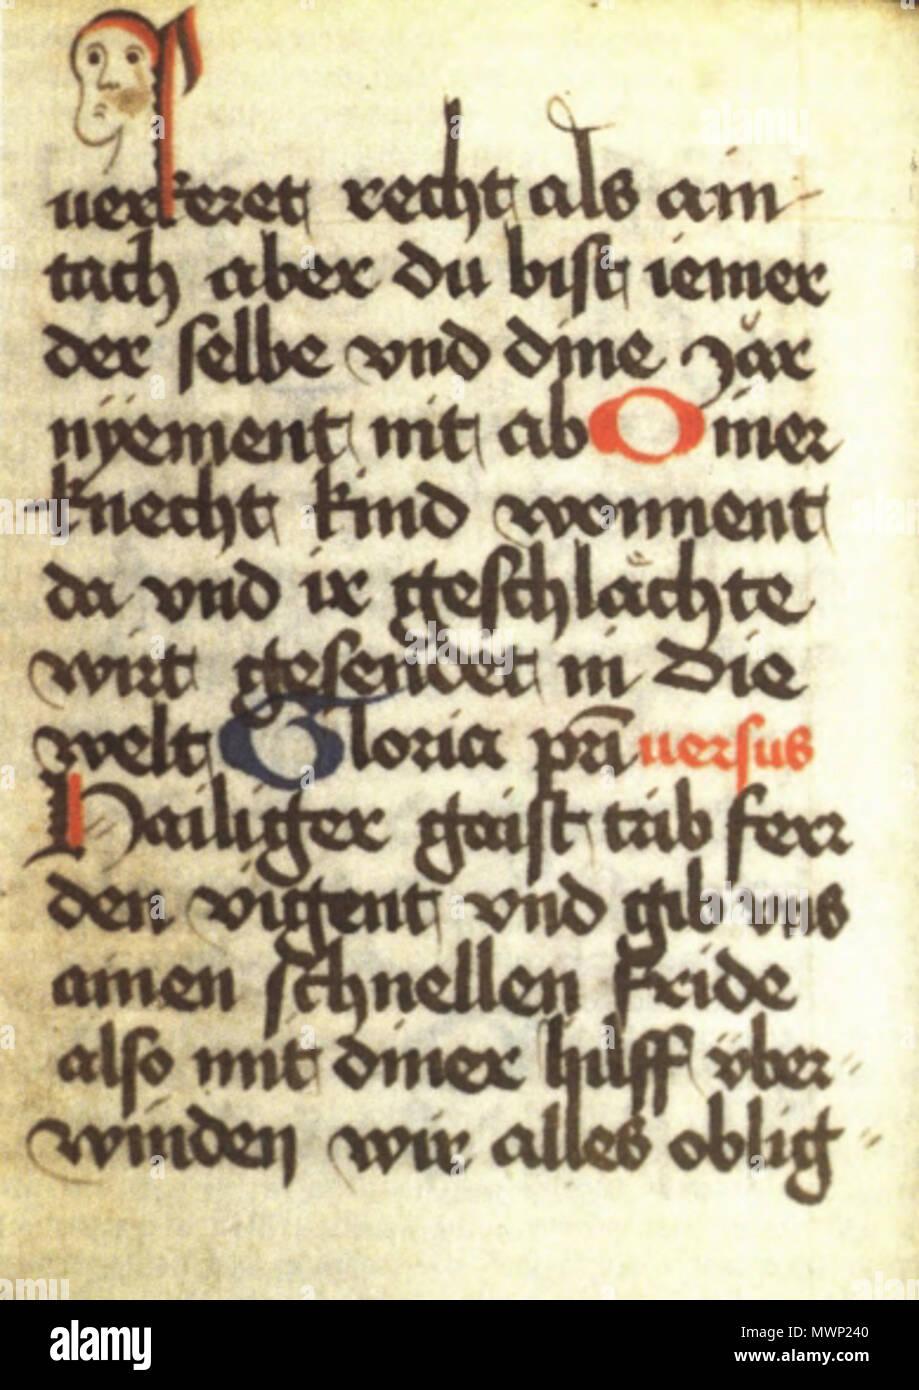 . Die rastatter Stundenbuch, Rastatt, Bibl. des Ludwig-Wilhelm-Gymnasiums, Cod. K 173. 2 Lehrwerk 15. Jahrhundert. Unbekannt 513 Rastatter stundenbuch Stockbild